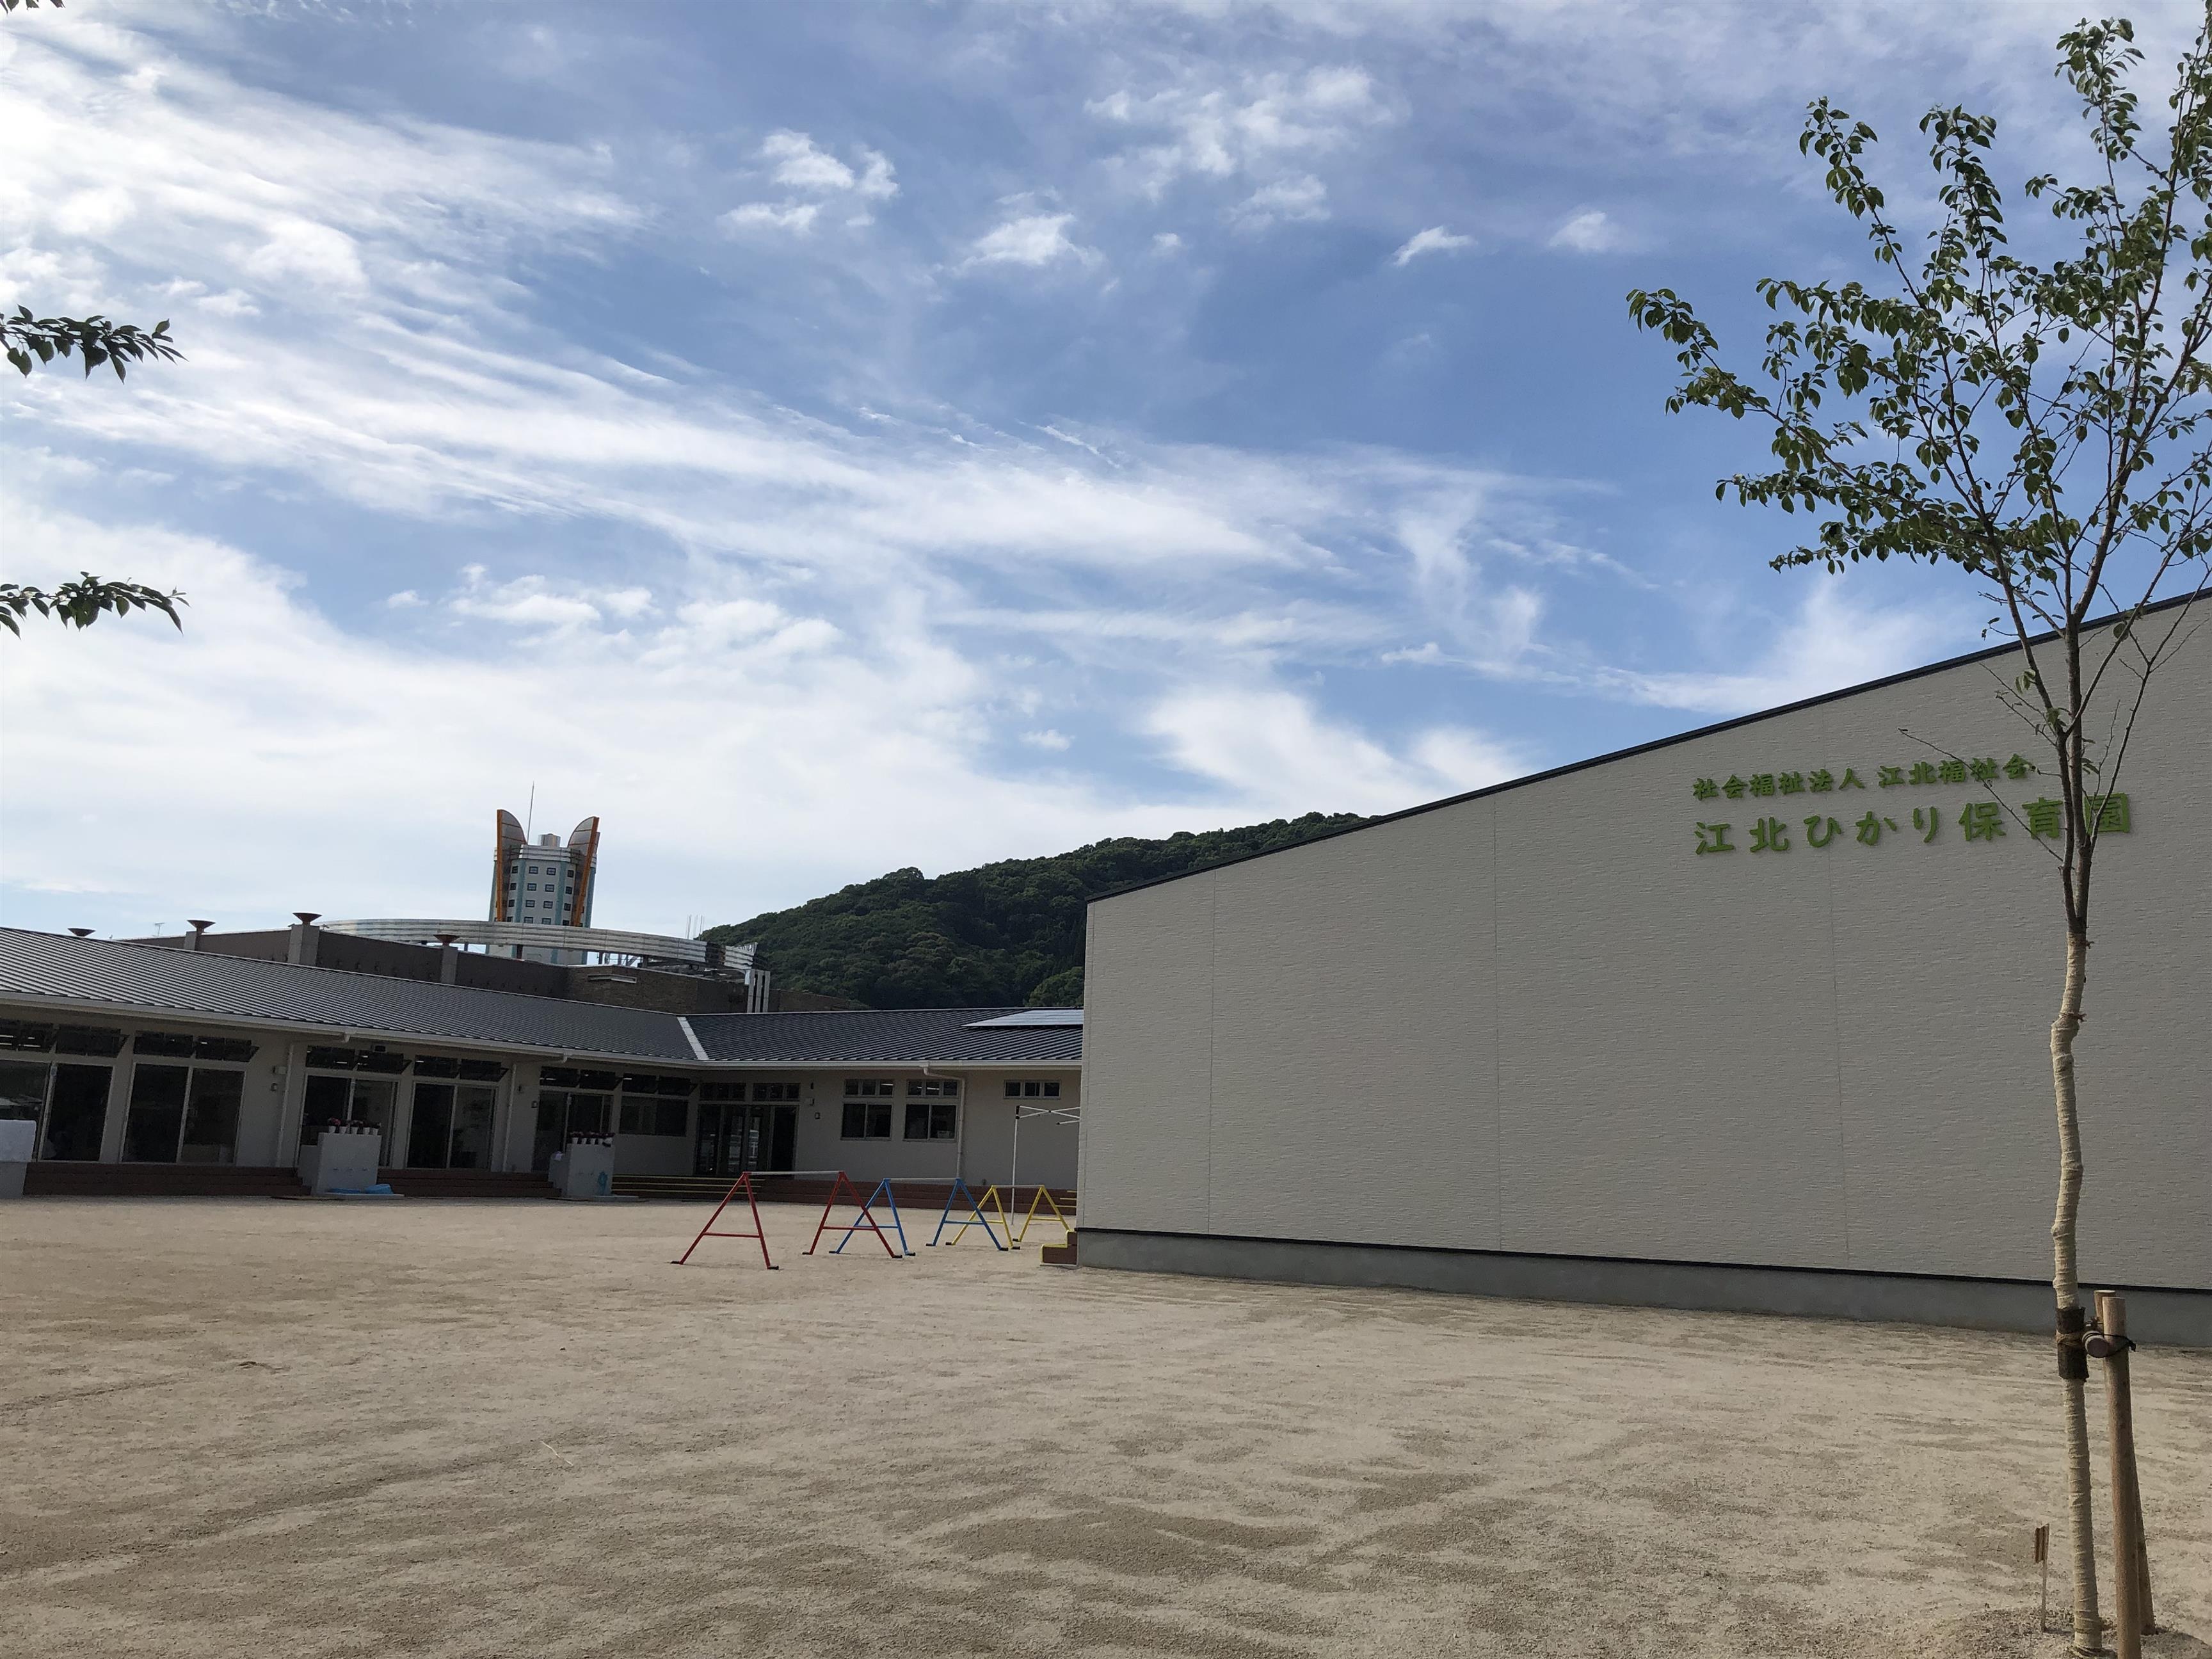 江北ひかり保育園の外観